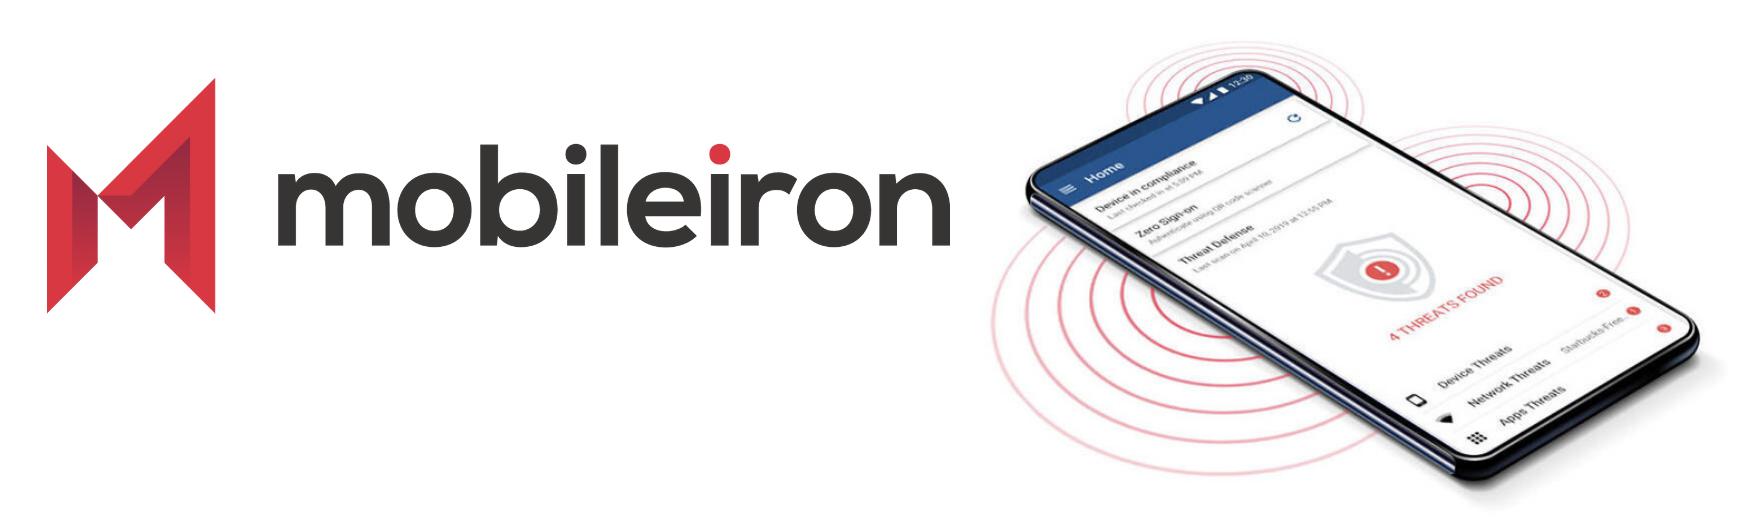 mobileiron 1 - Darmowy pakiet bezpieczeństwa doochrony sieci - netcomplex